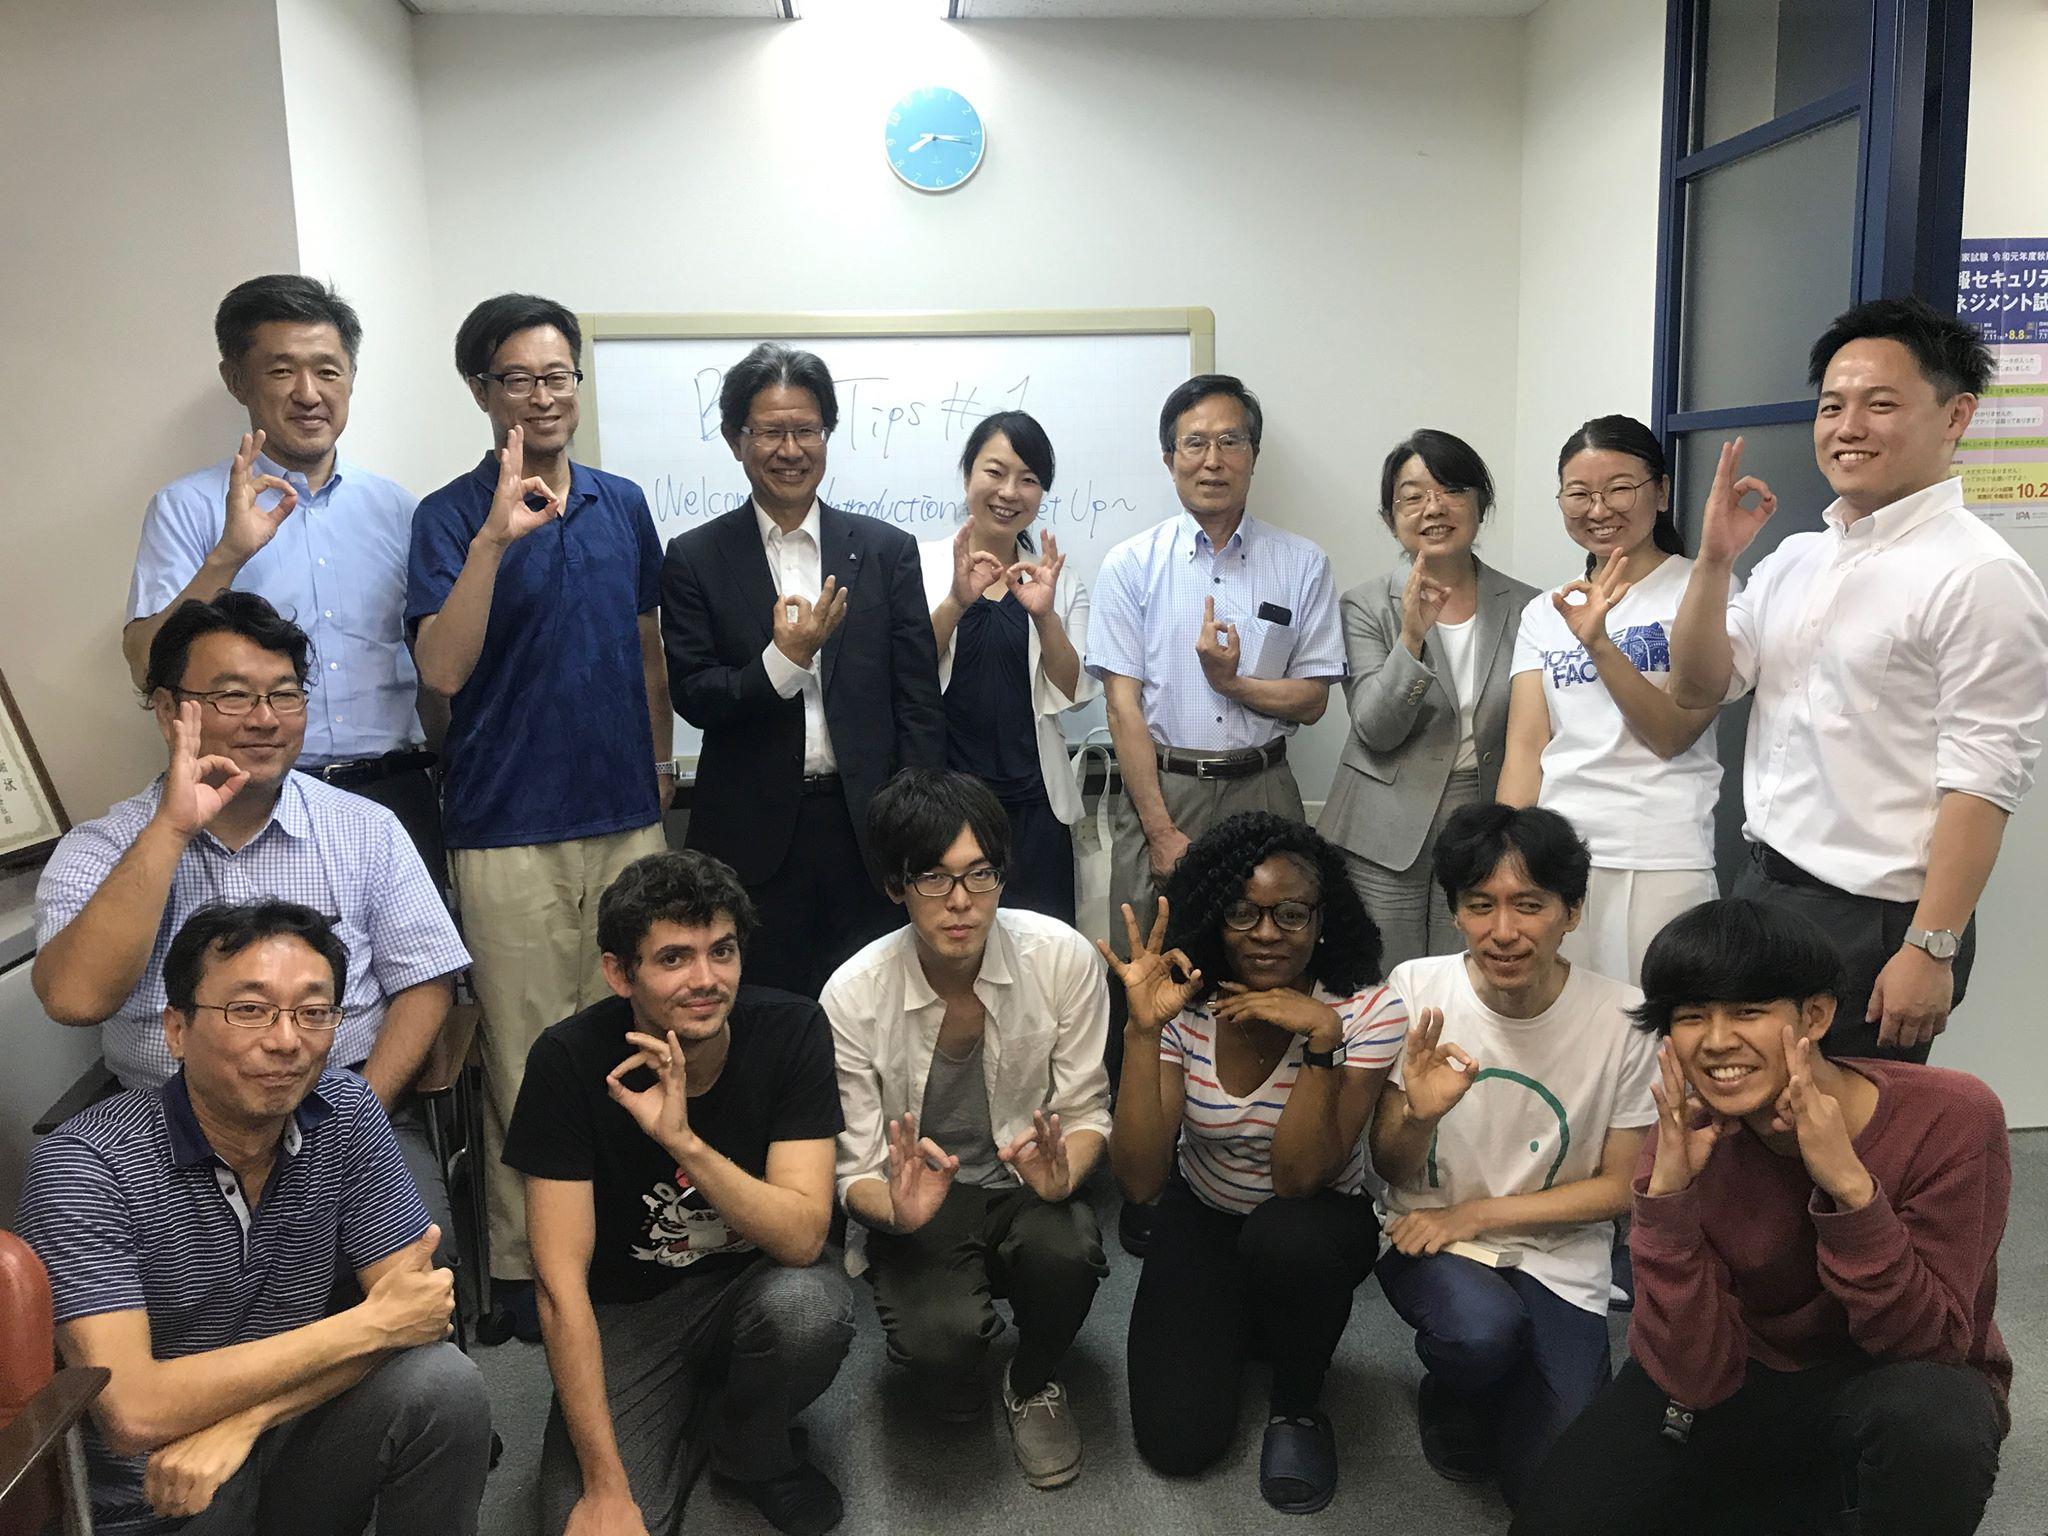 【満員御礼】7/31ブロックチェーン・ミートアップにご参加いただきありがとうございました!